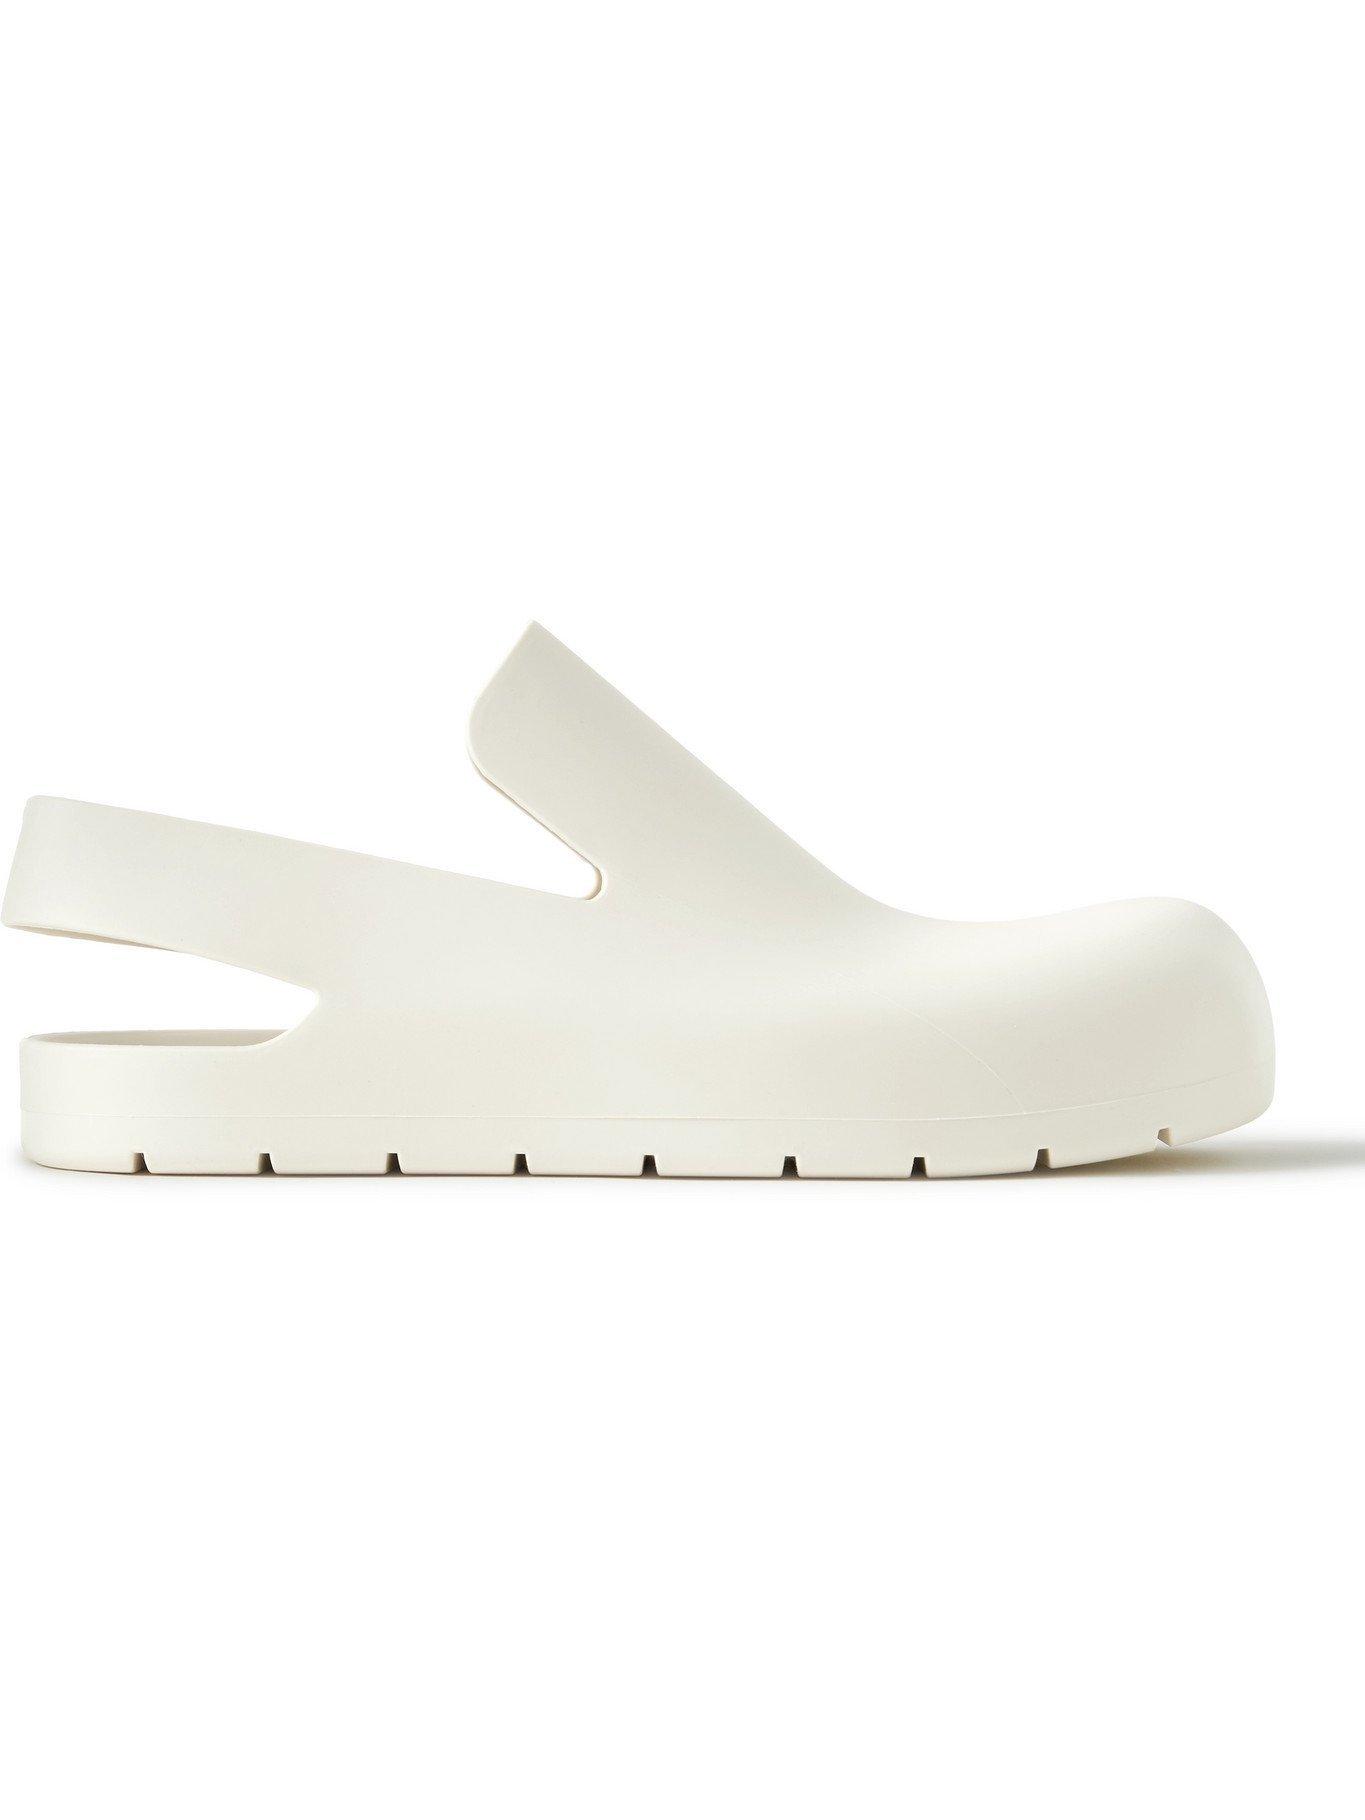 Photo: BOTTEGA VENETA - Rubber Sandals - White